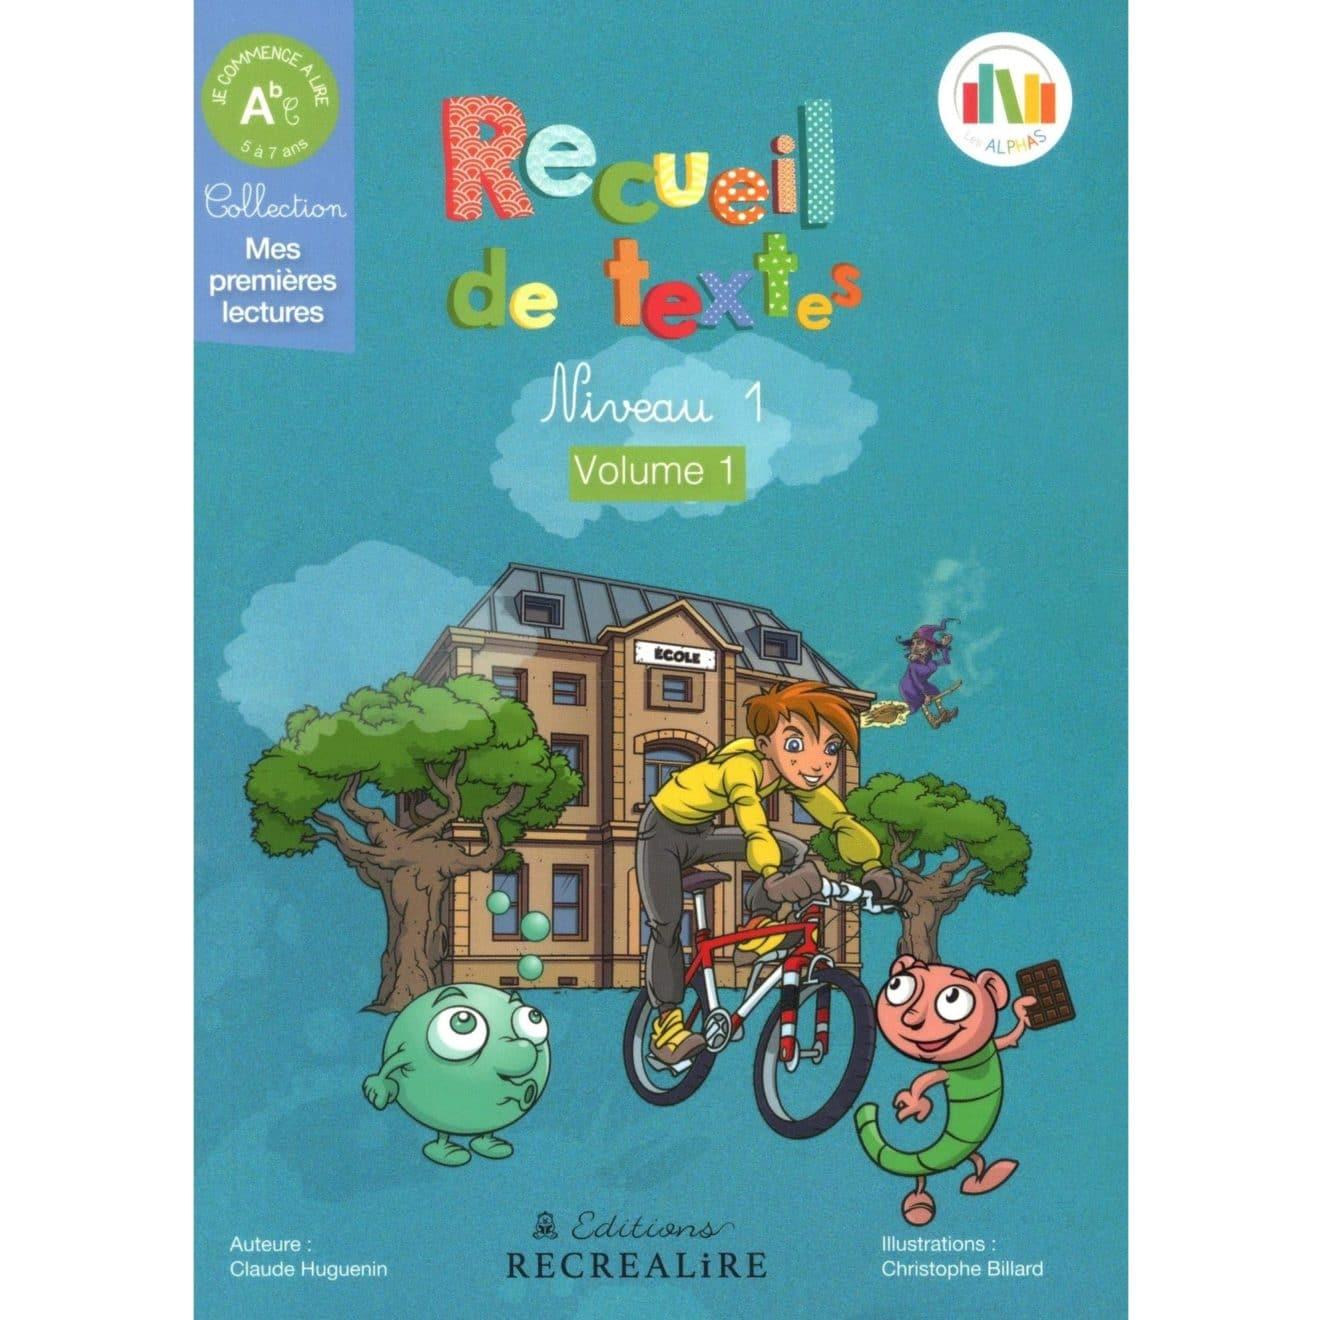 livres-pour-apprendre-a-lire-a-nos-enfants-planete-alpha-recueil-textes-progressifs